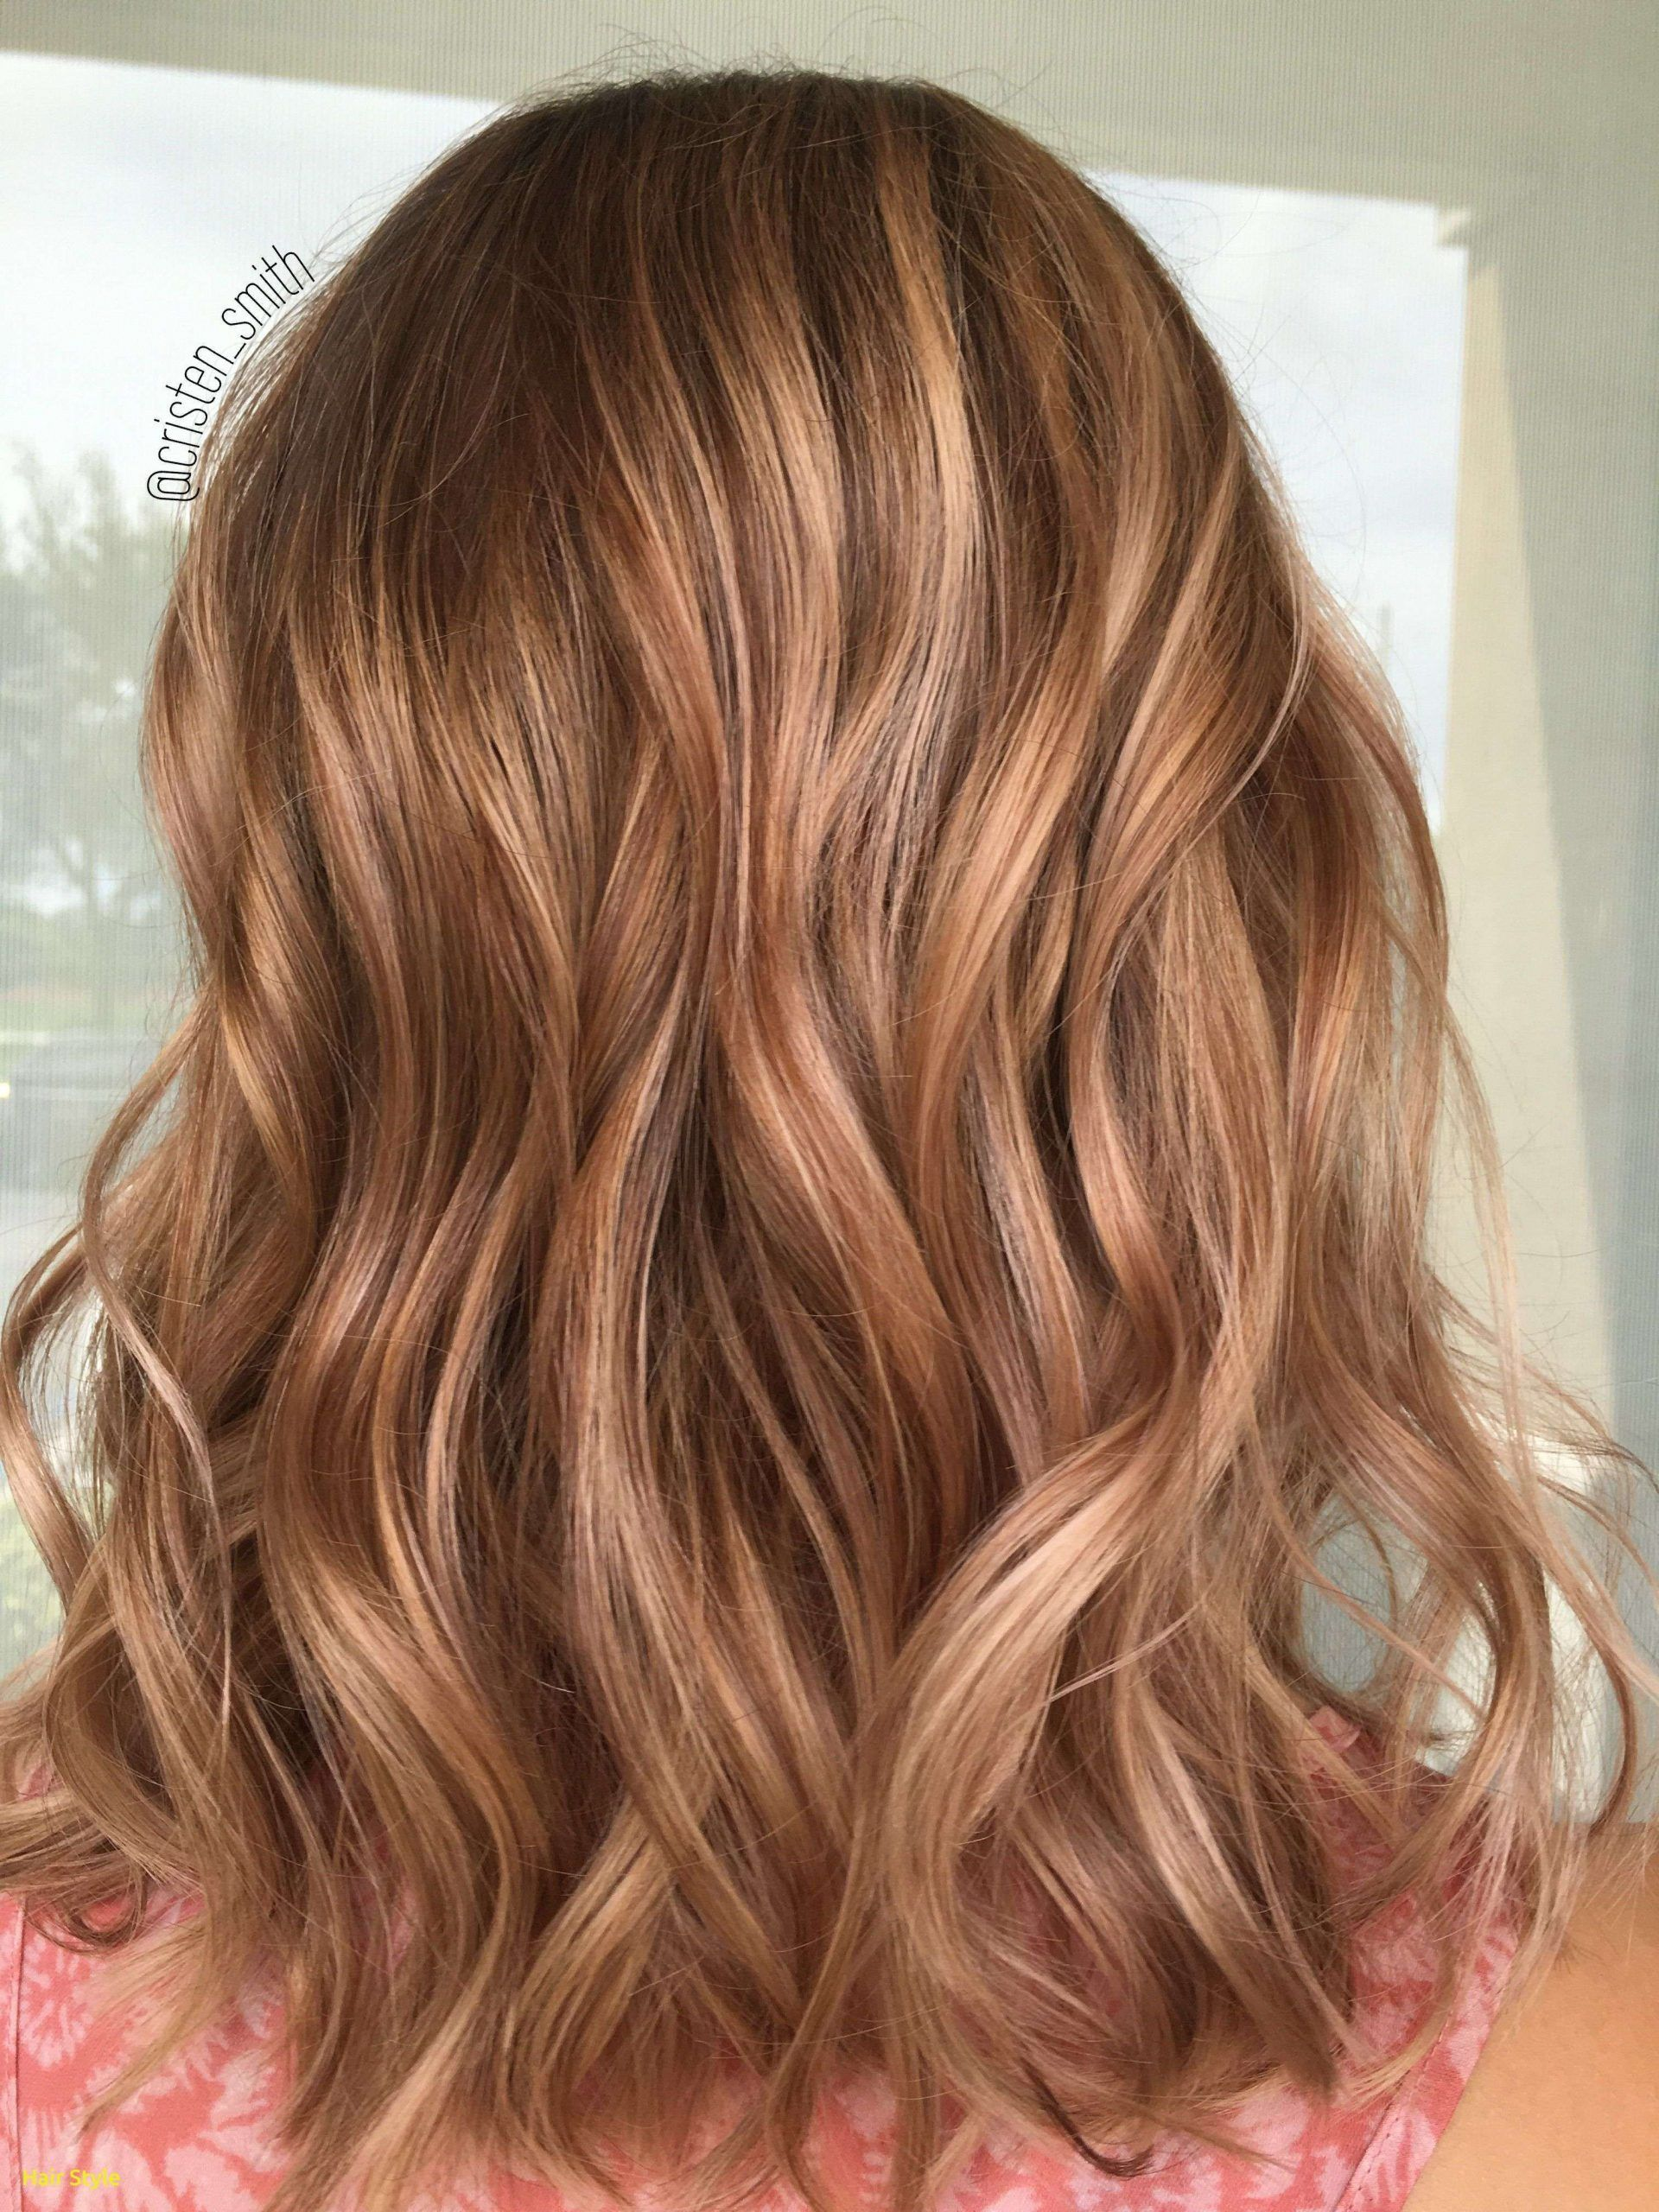 Einzigartige Auburn Und Blonde Highlights Neu Frisuren Stile 2019 Auburn Blonde Einziga In 2020 Honey Brown Hair Hair Color Light Brown Blonde Hair With Highlights